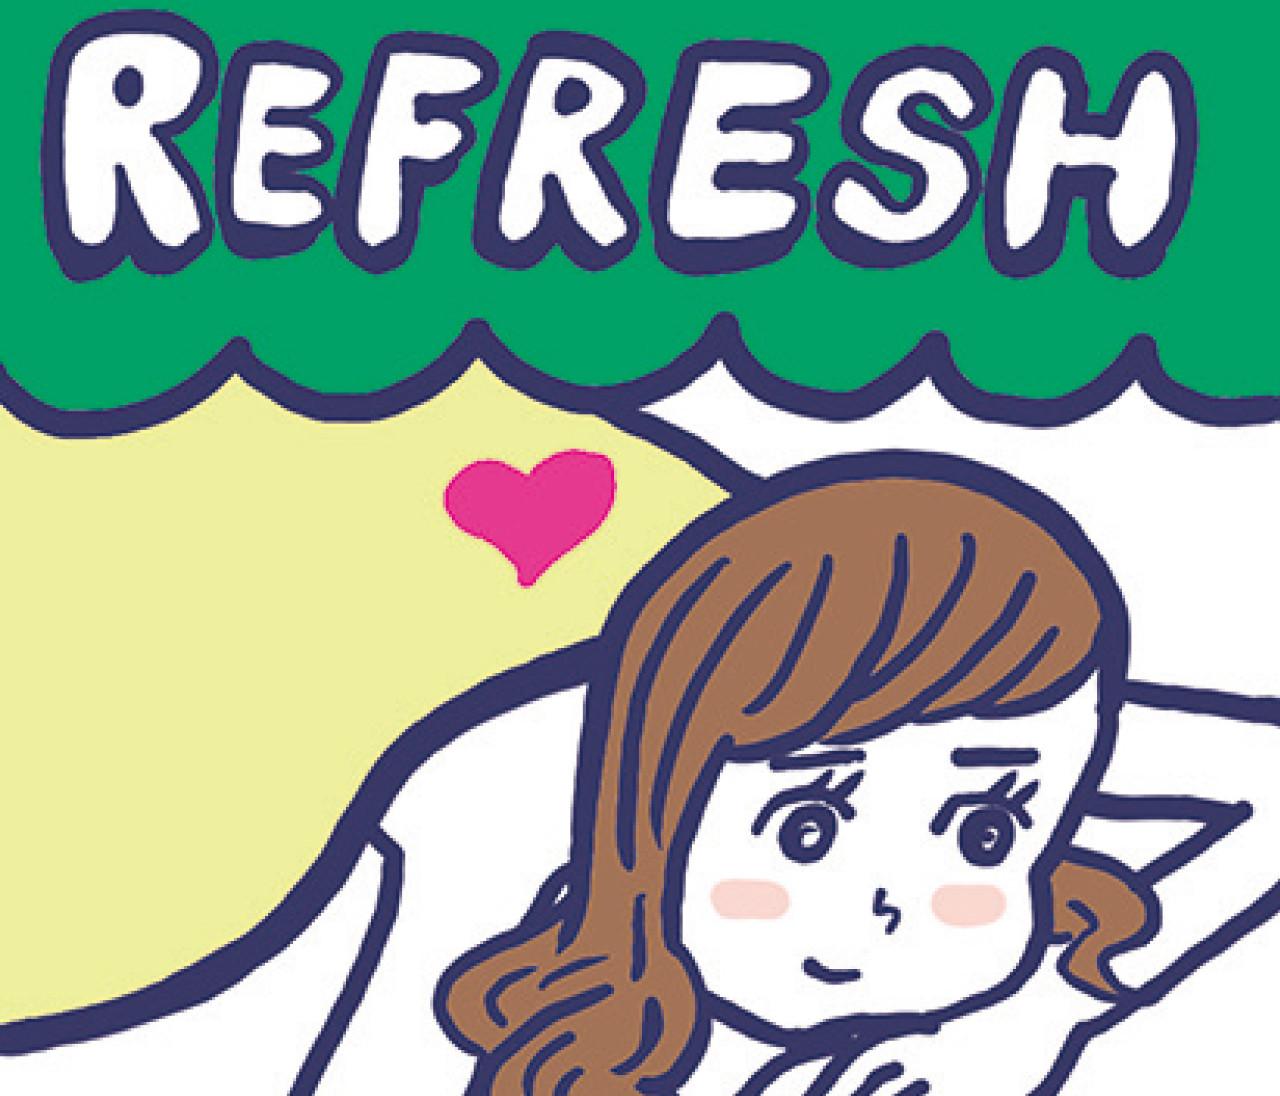 【花粉&乾燥&マスクの肌荒れ対策】ストレスも肌に悪影響!リフレッシュ系コスメのおすすめ5選